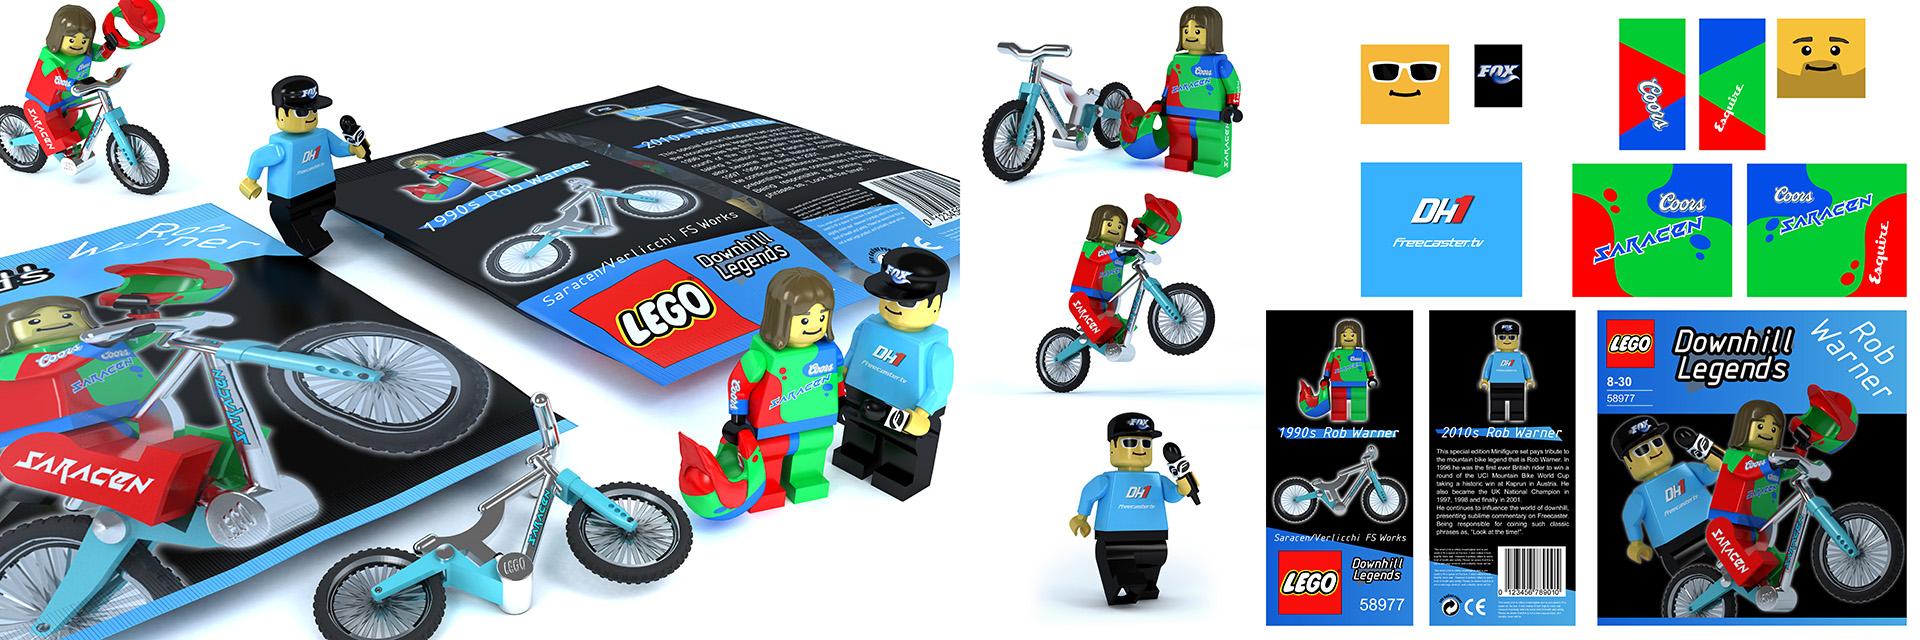 LEGO Rob Warner